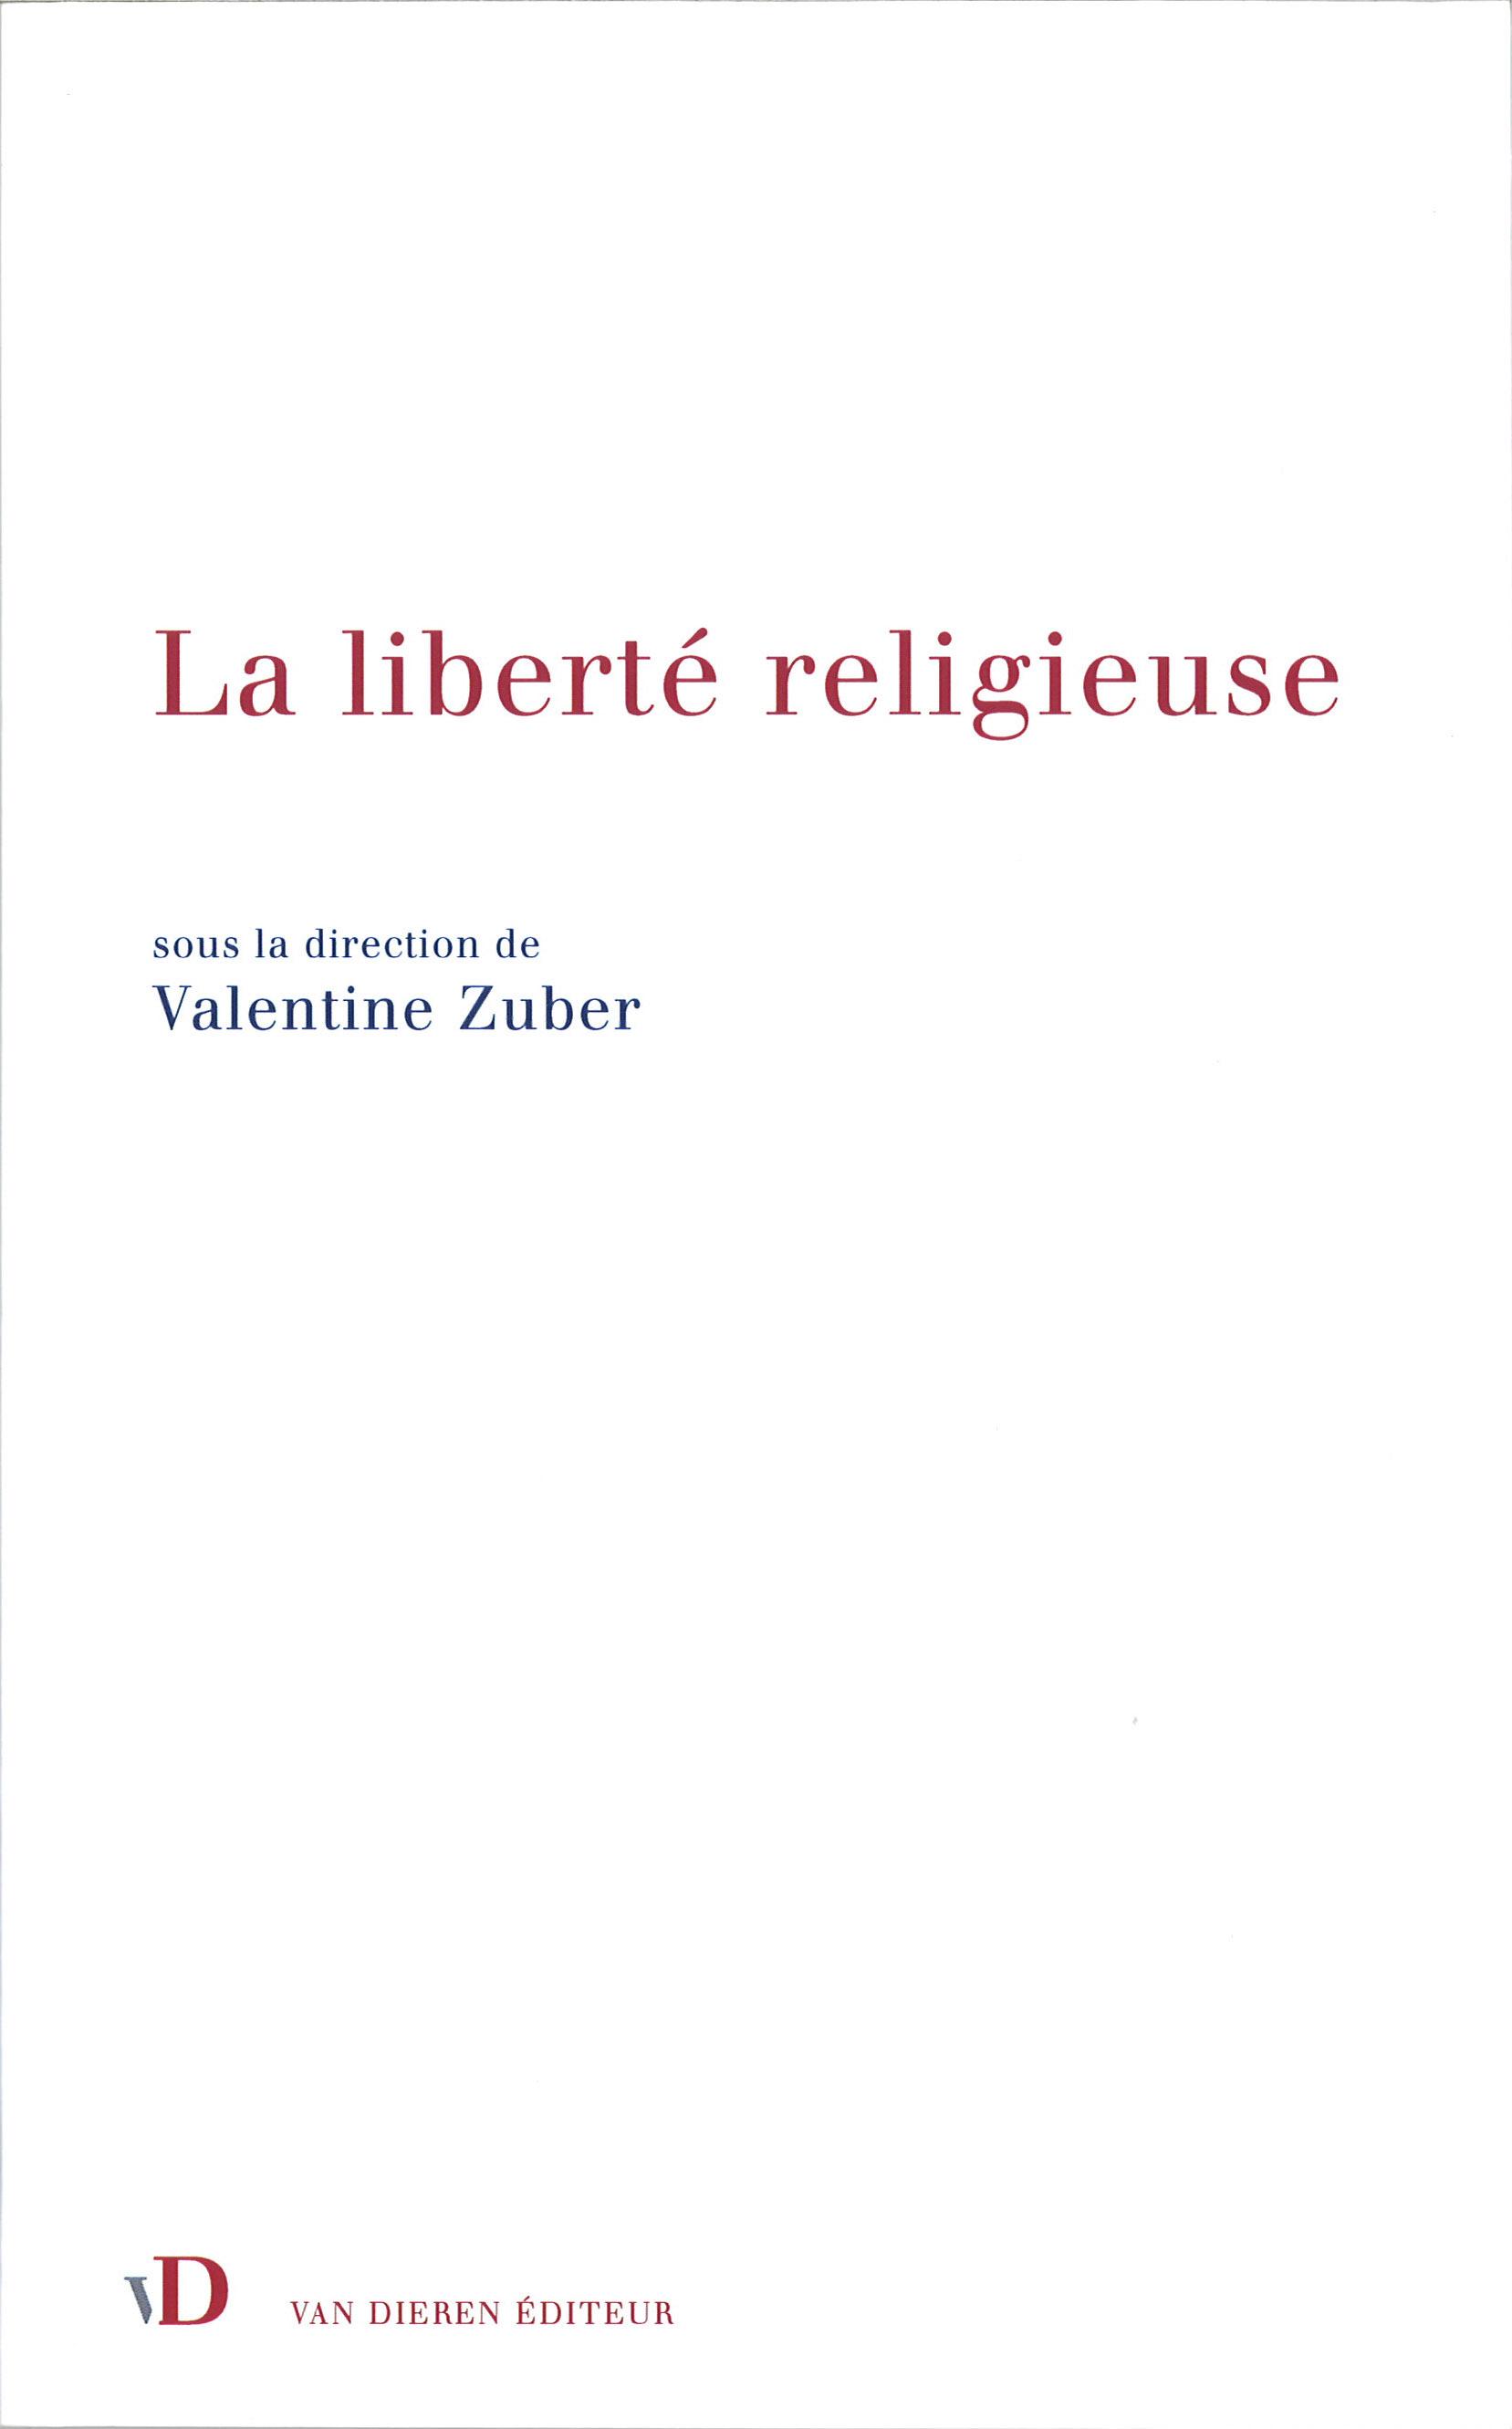 Вышел в свет коллективный труд о свободе вероисповедания